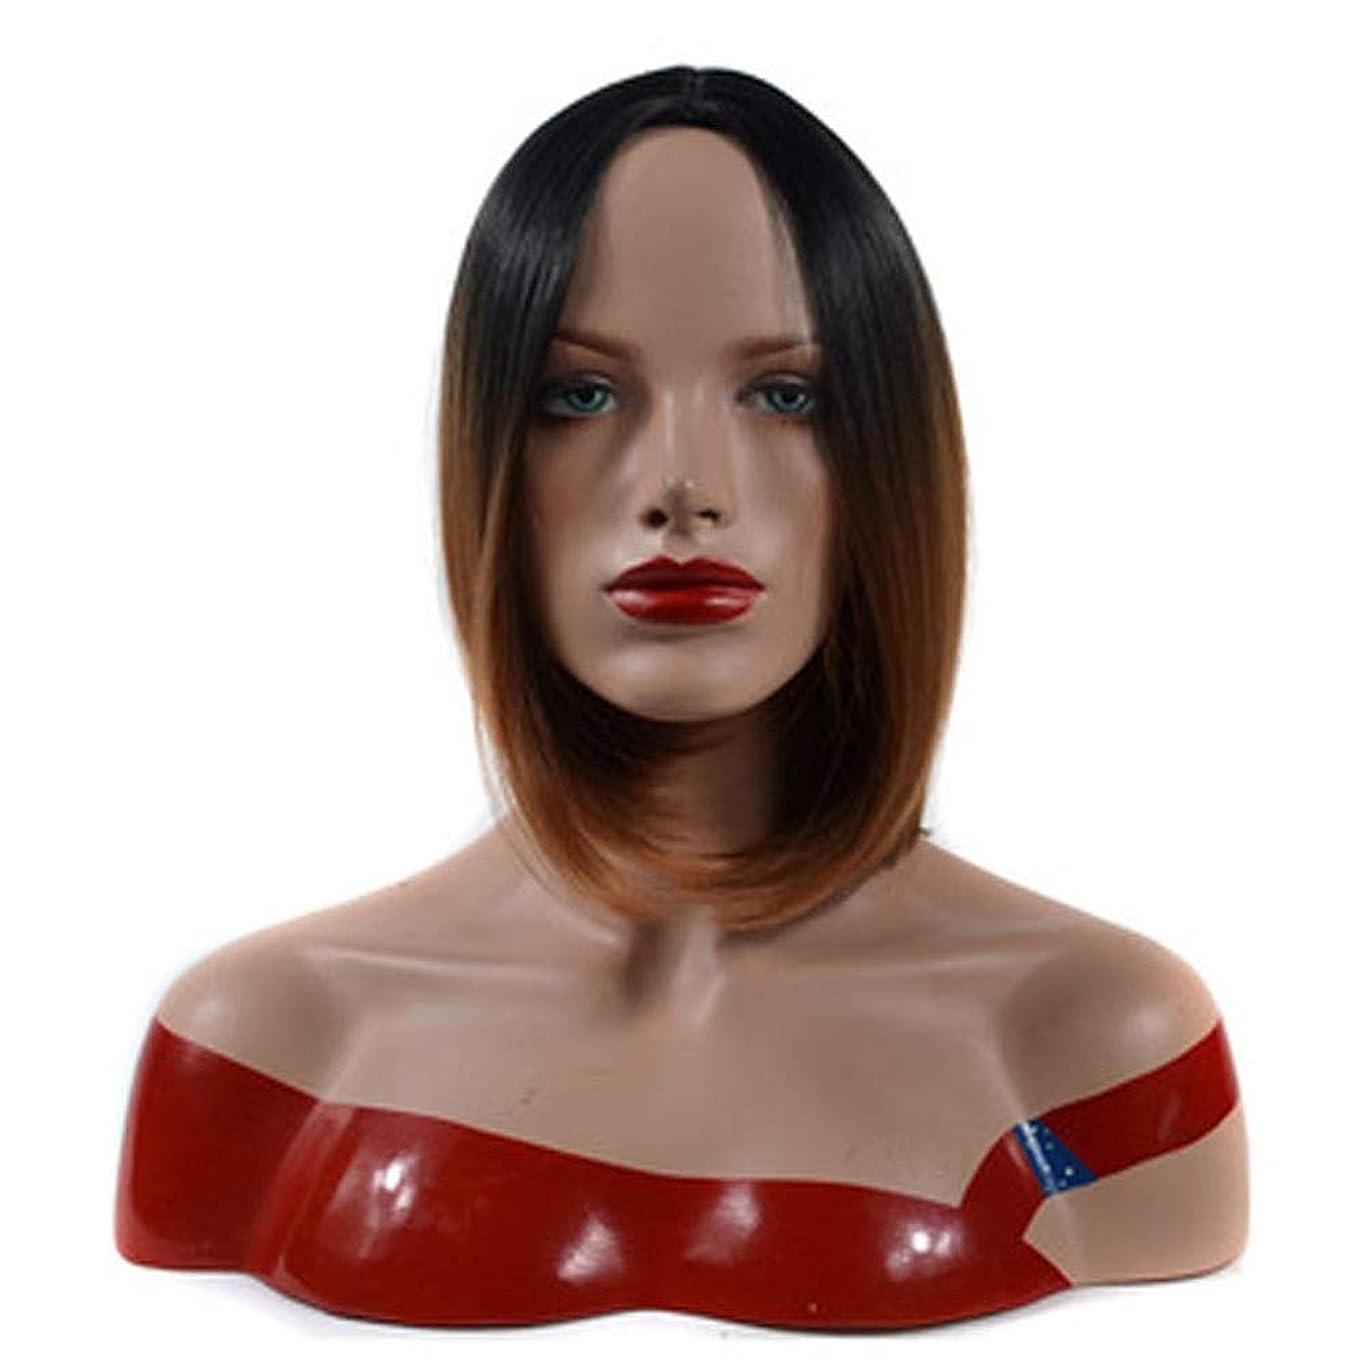 結論理論的確かめるYrattary 黒髪ルートライトブラウンショートストレートヘアボブウィッグコスプレパーティードレスパーティーウィッグ (Color : Light brown, サイズ : 30cm)